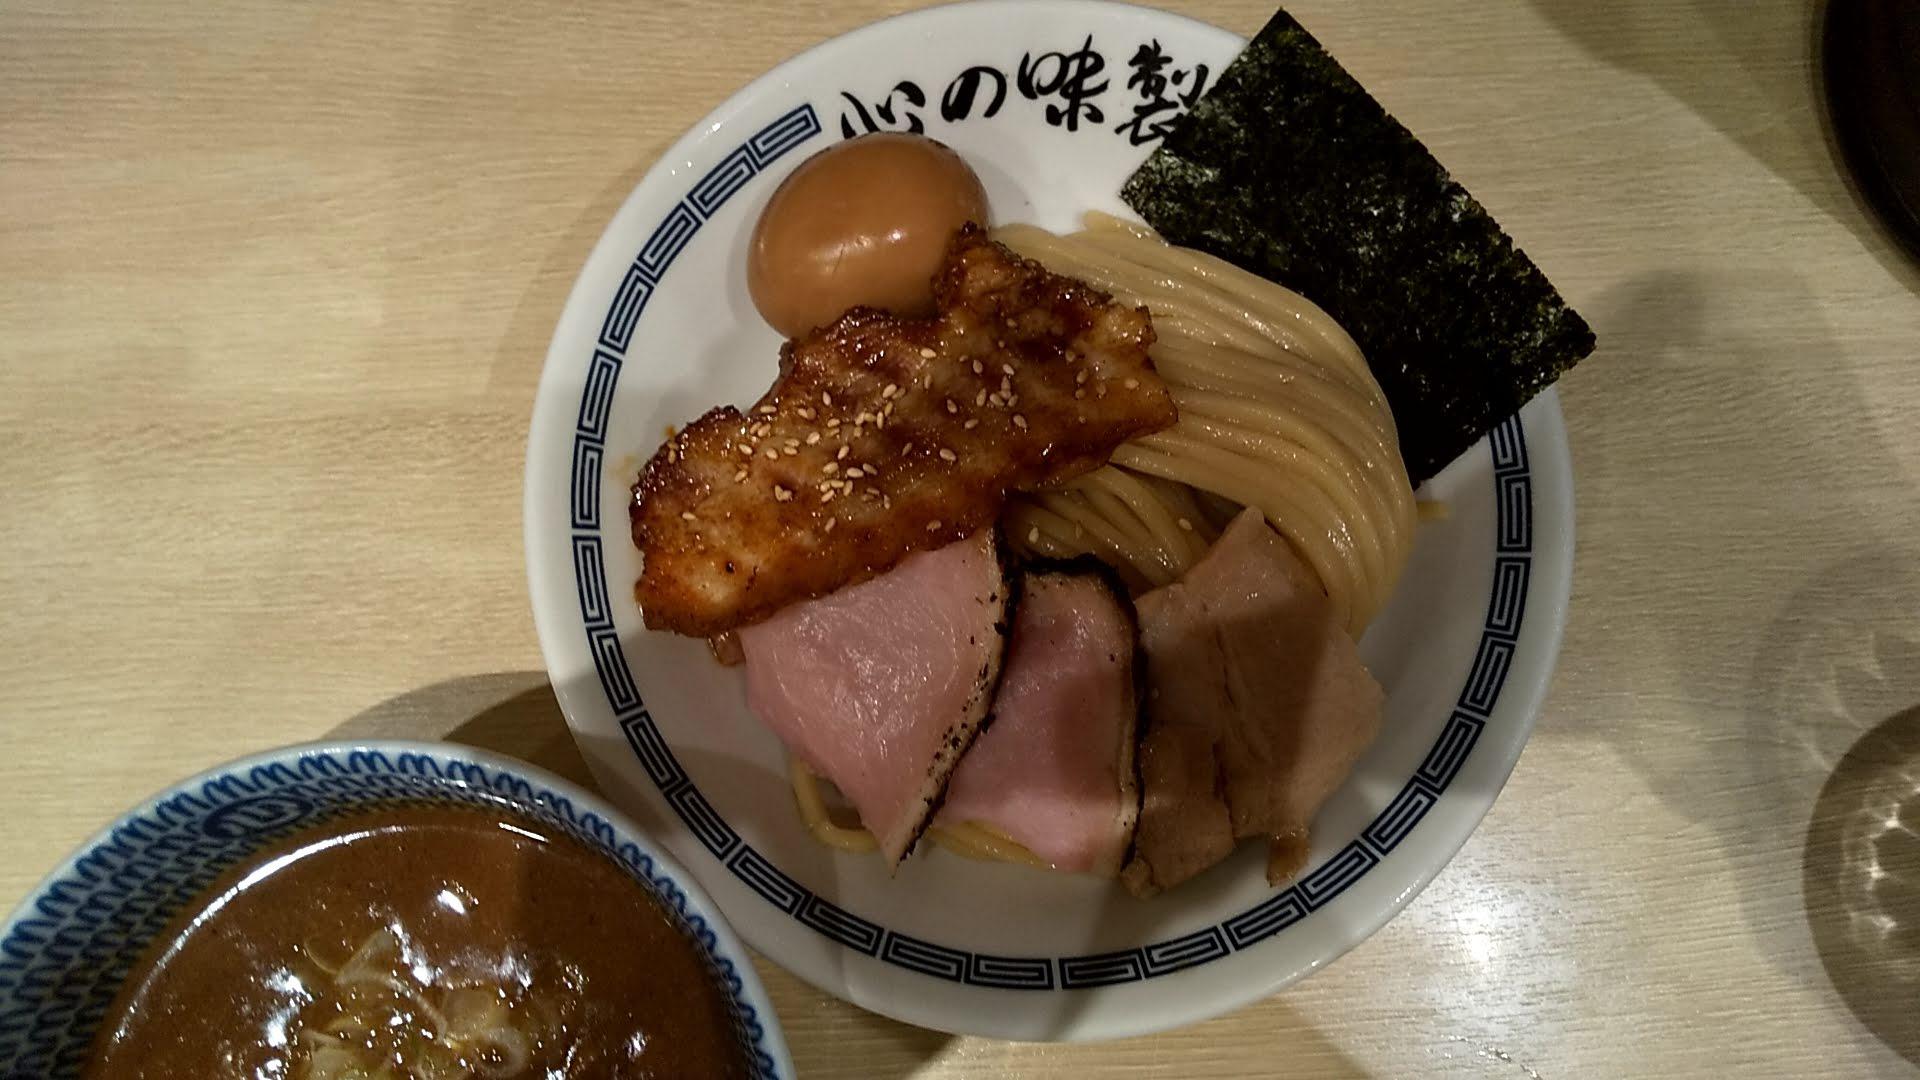 心の味製麺の特製濃厚豚骨魚介つけ麺の麺皿